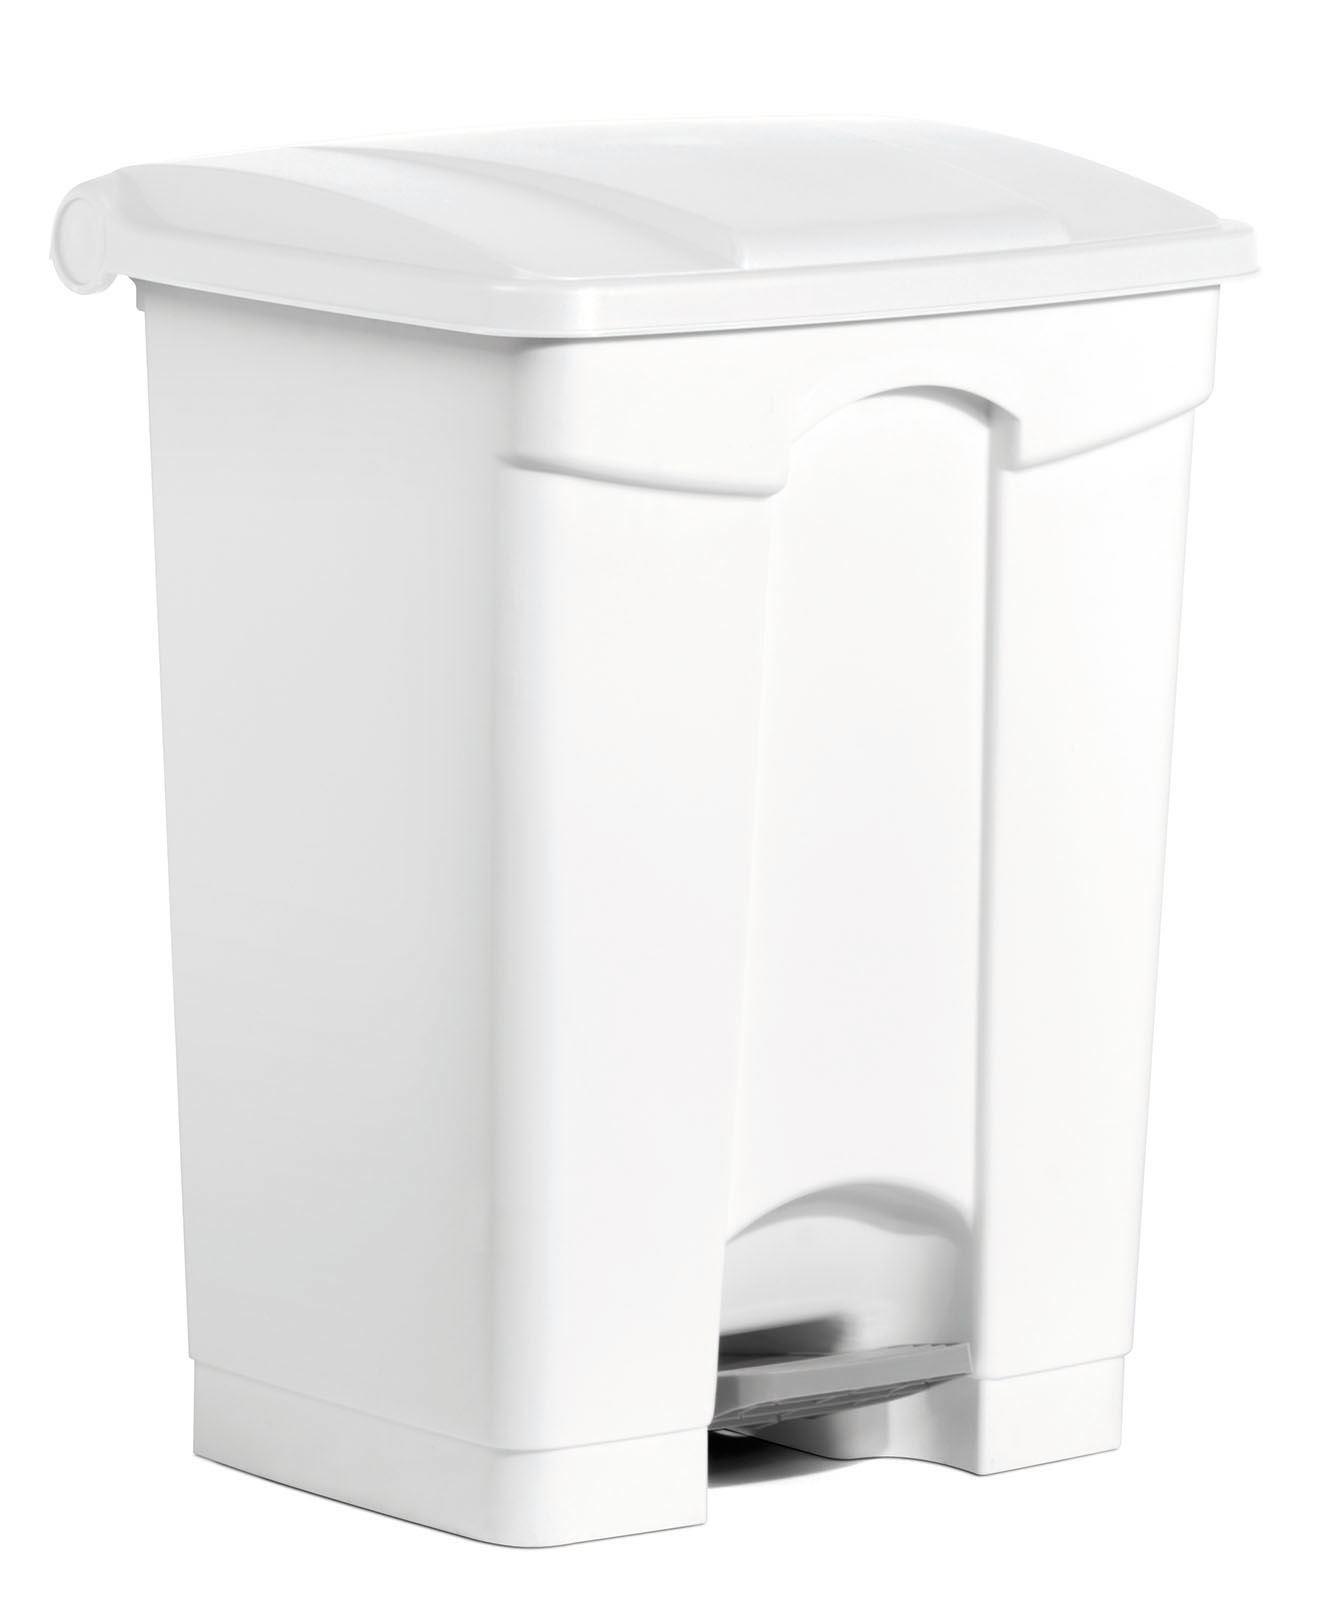 poubelle cuisine haccp 70 l a pedale blanche. Black Bedroom Furniture Sets. Home Design Ideas